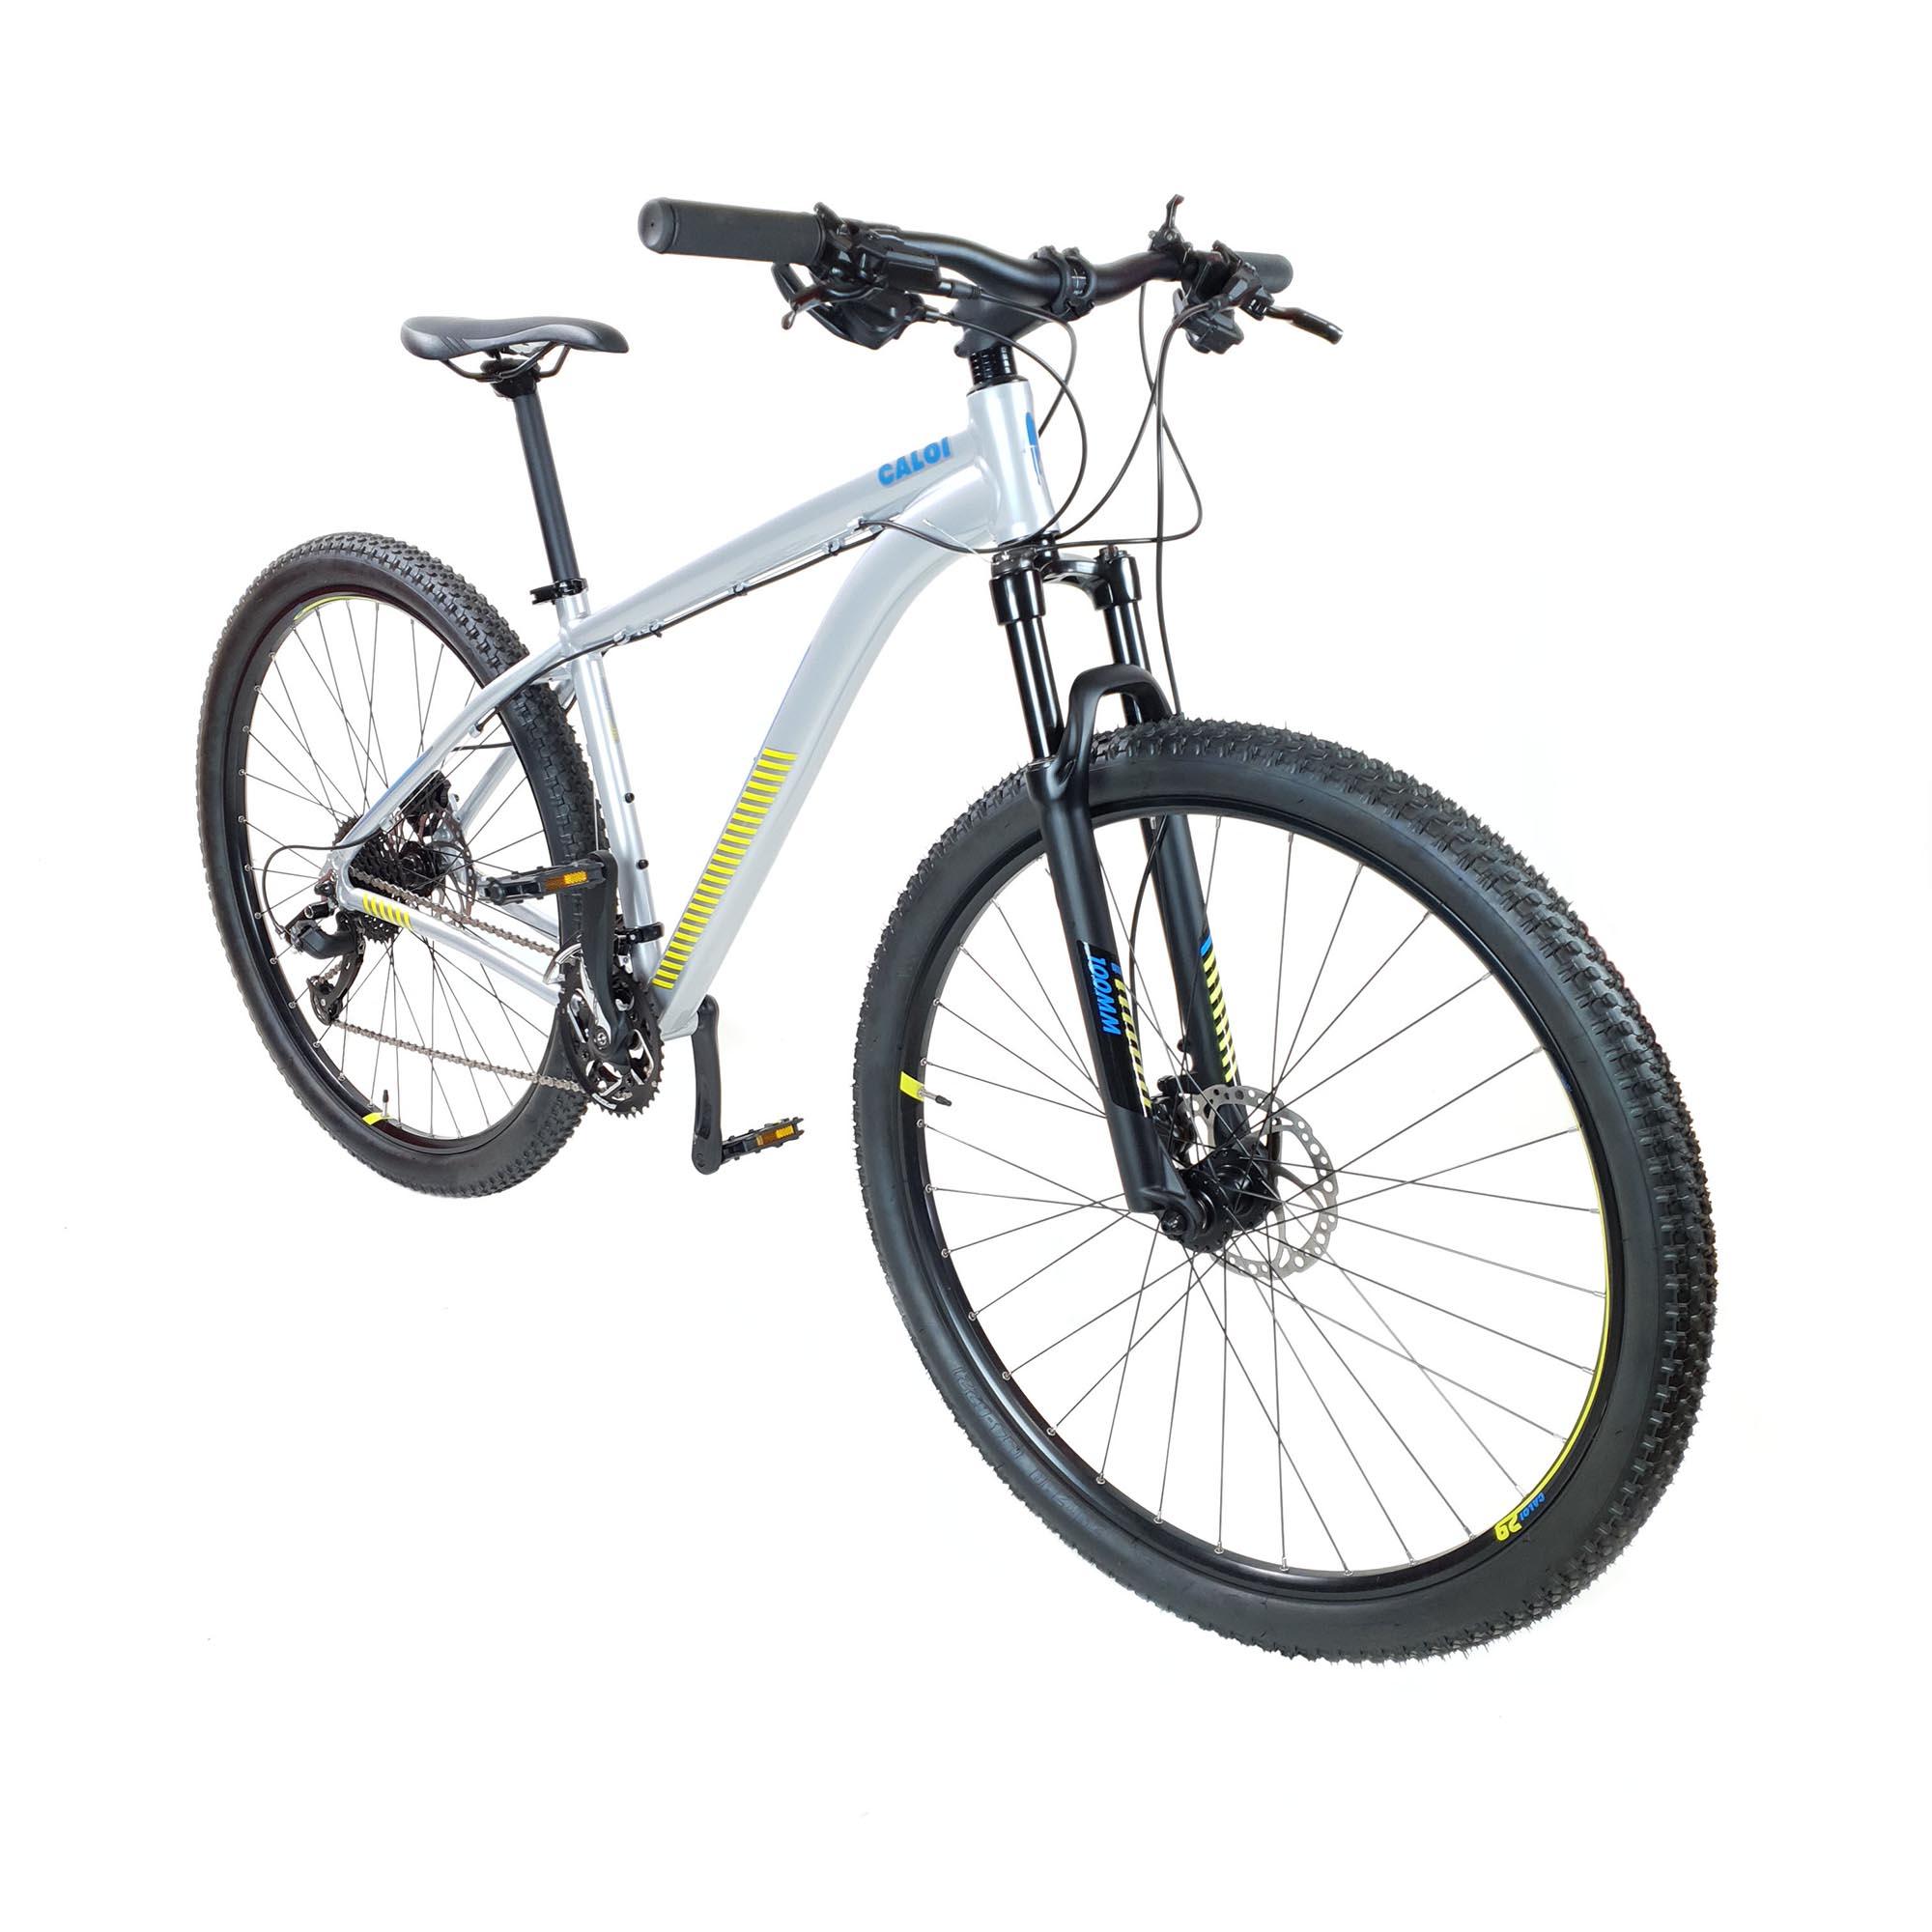 Bicicleta Aro 29 Caloi Atacama, Suspensão Caloi, Freio Logan